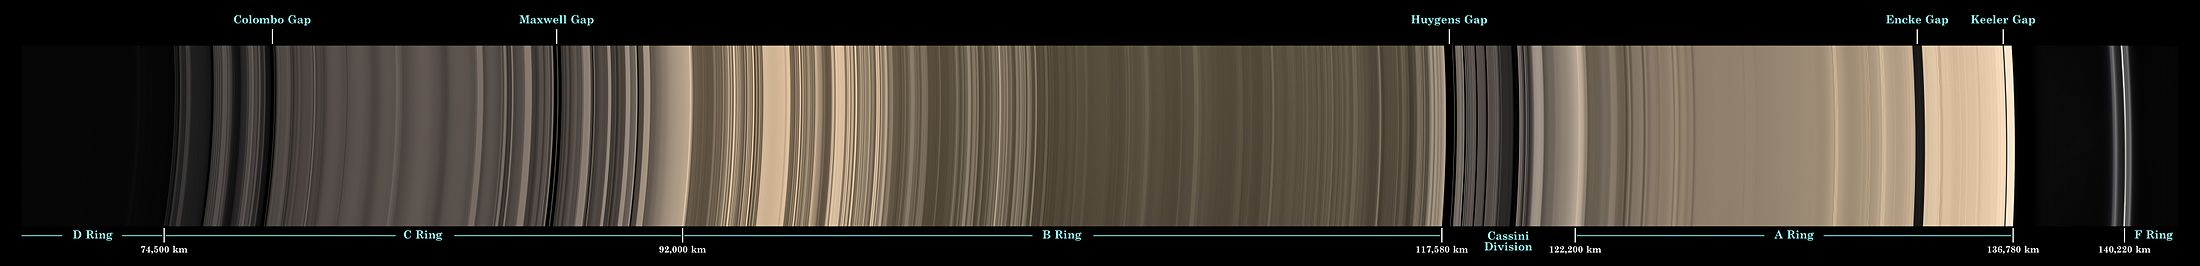 Przekrój przez pierścienie Saturna w płaszczyźnie tych pierścieni - widok z sondy (NASA).